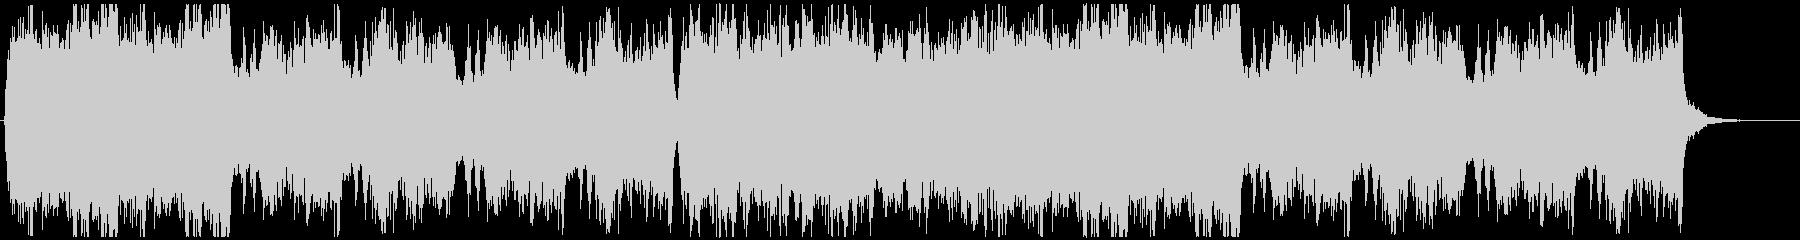 幻想的で神秘的な空間っぽいクワイア曲の未再生の波形